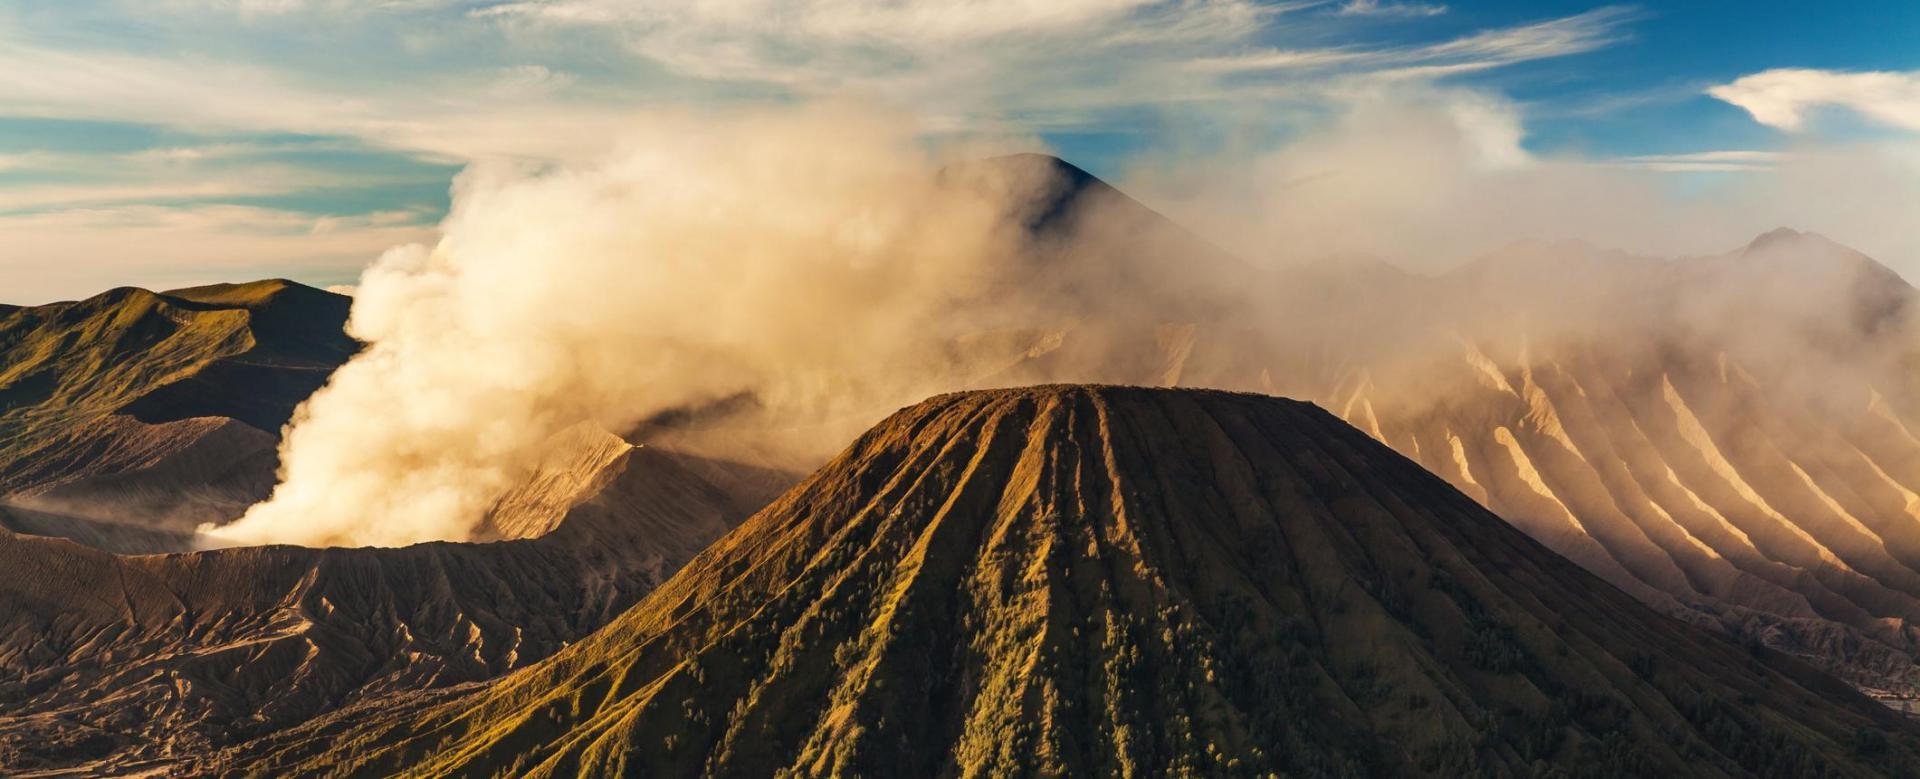 Voyage à pied : Montagnes vivantes